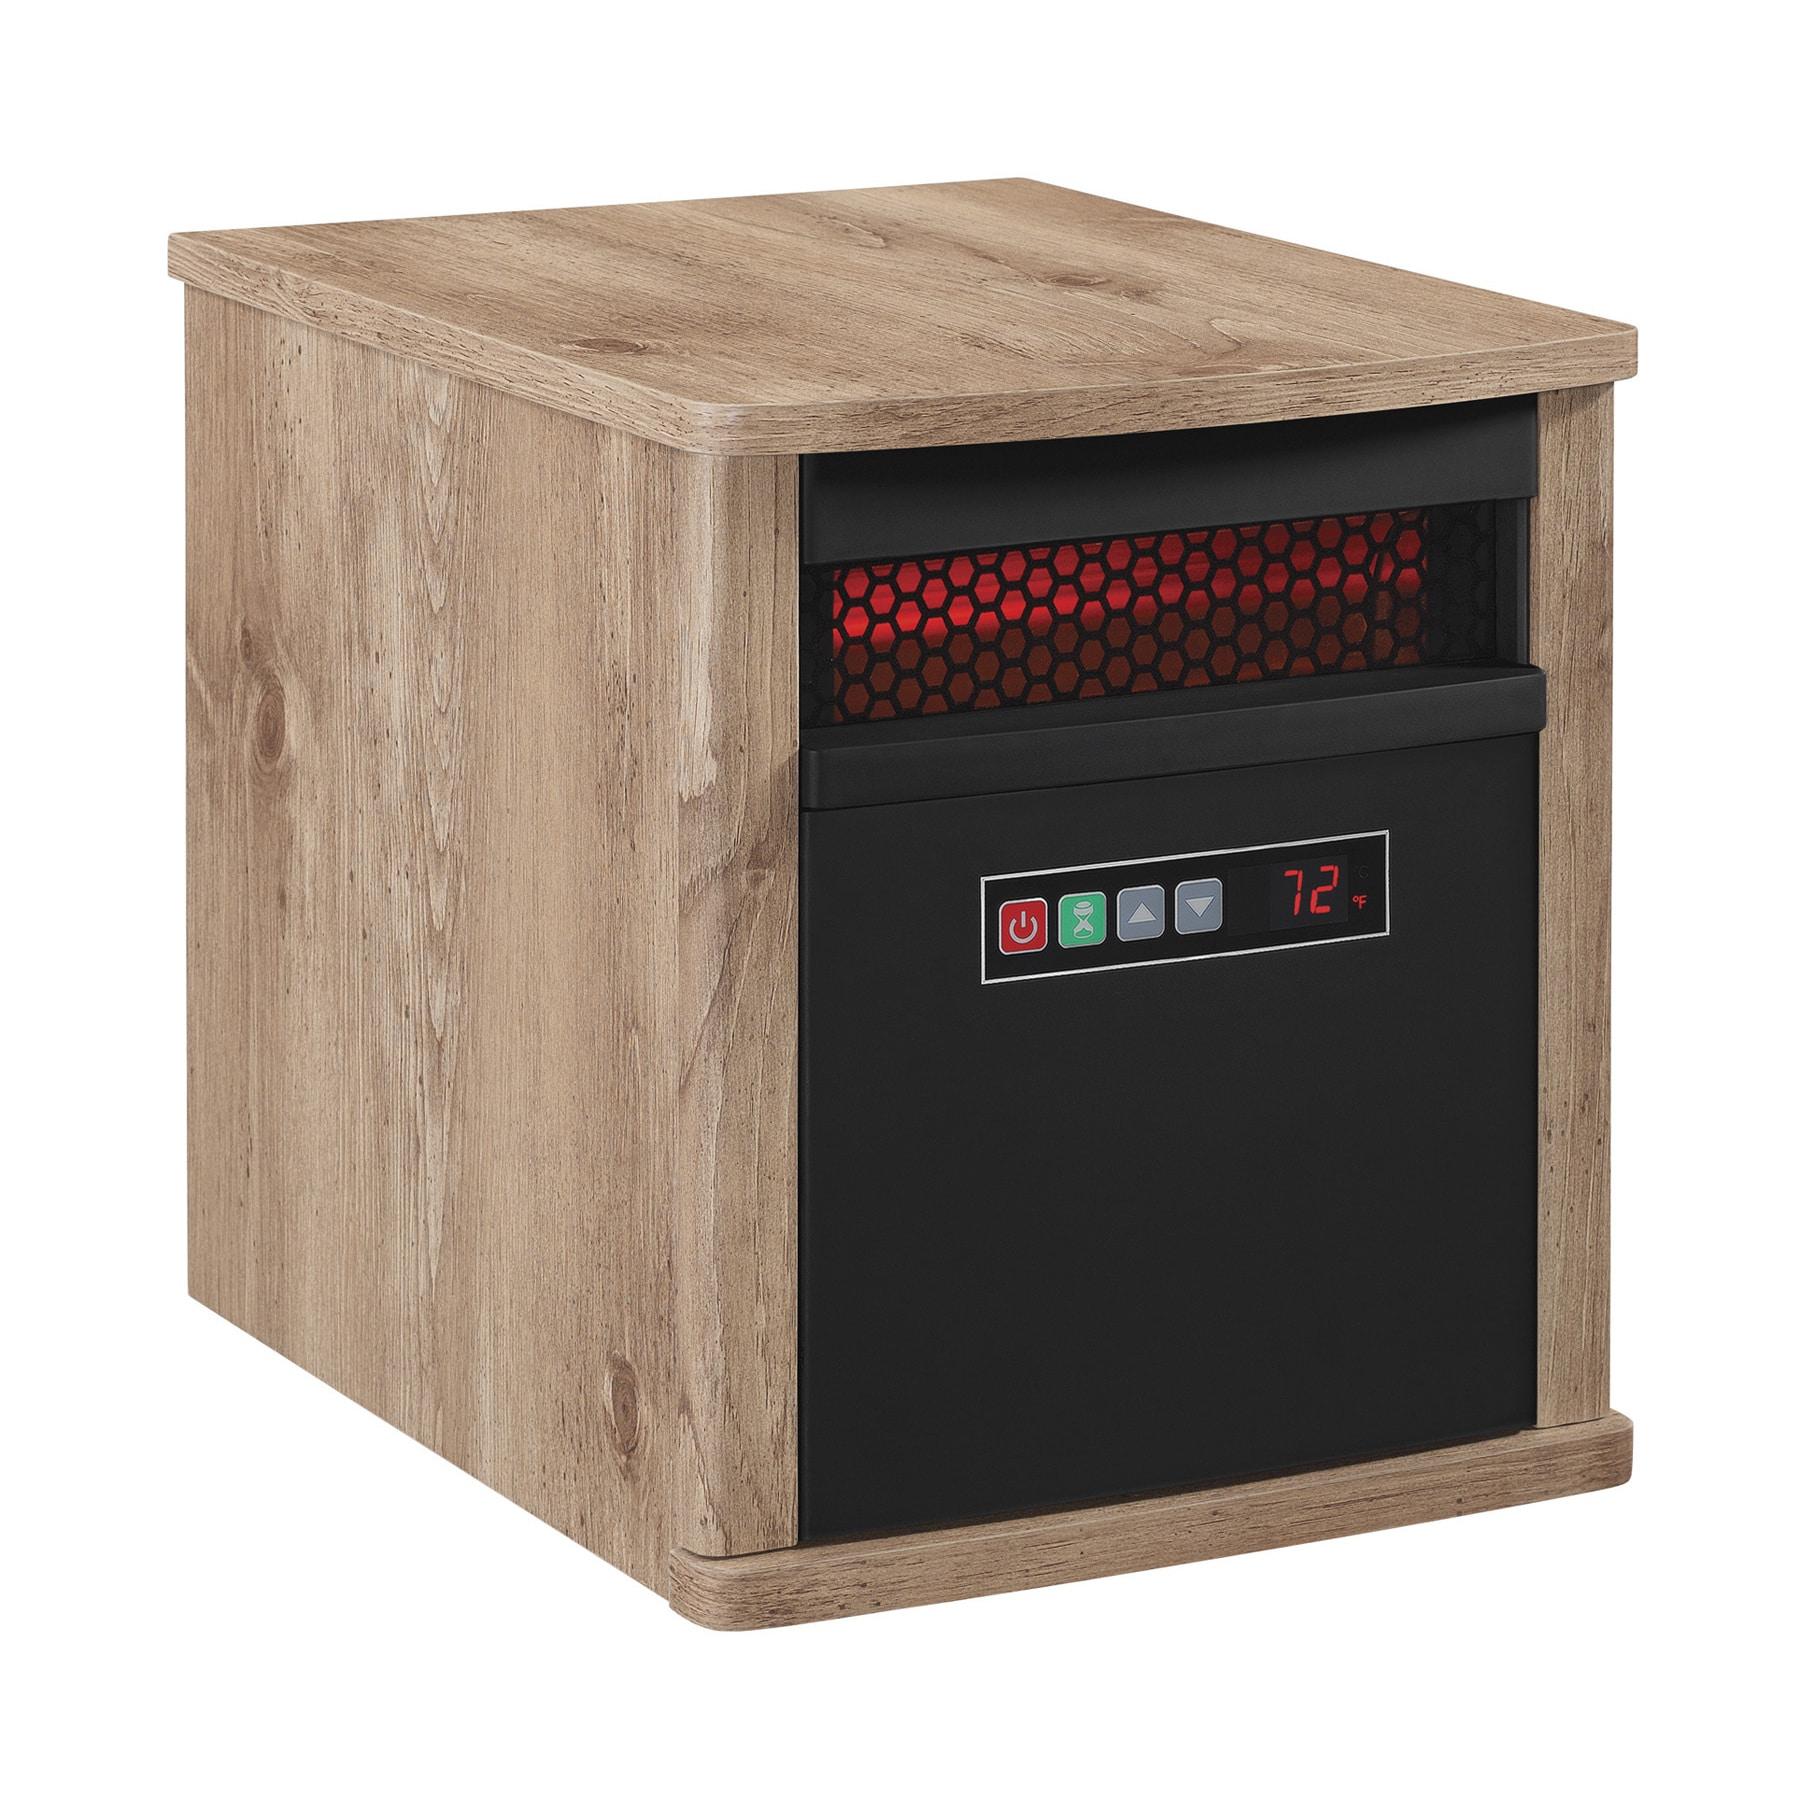 DURAFLAME Portable Infrared Quartz Space Heater, Antique ...